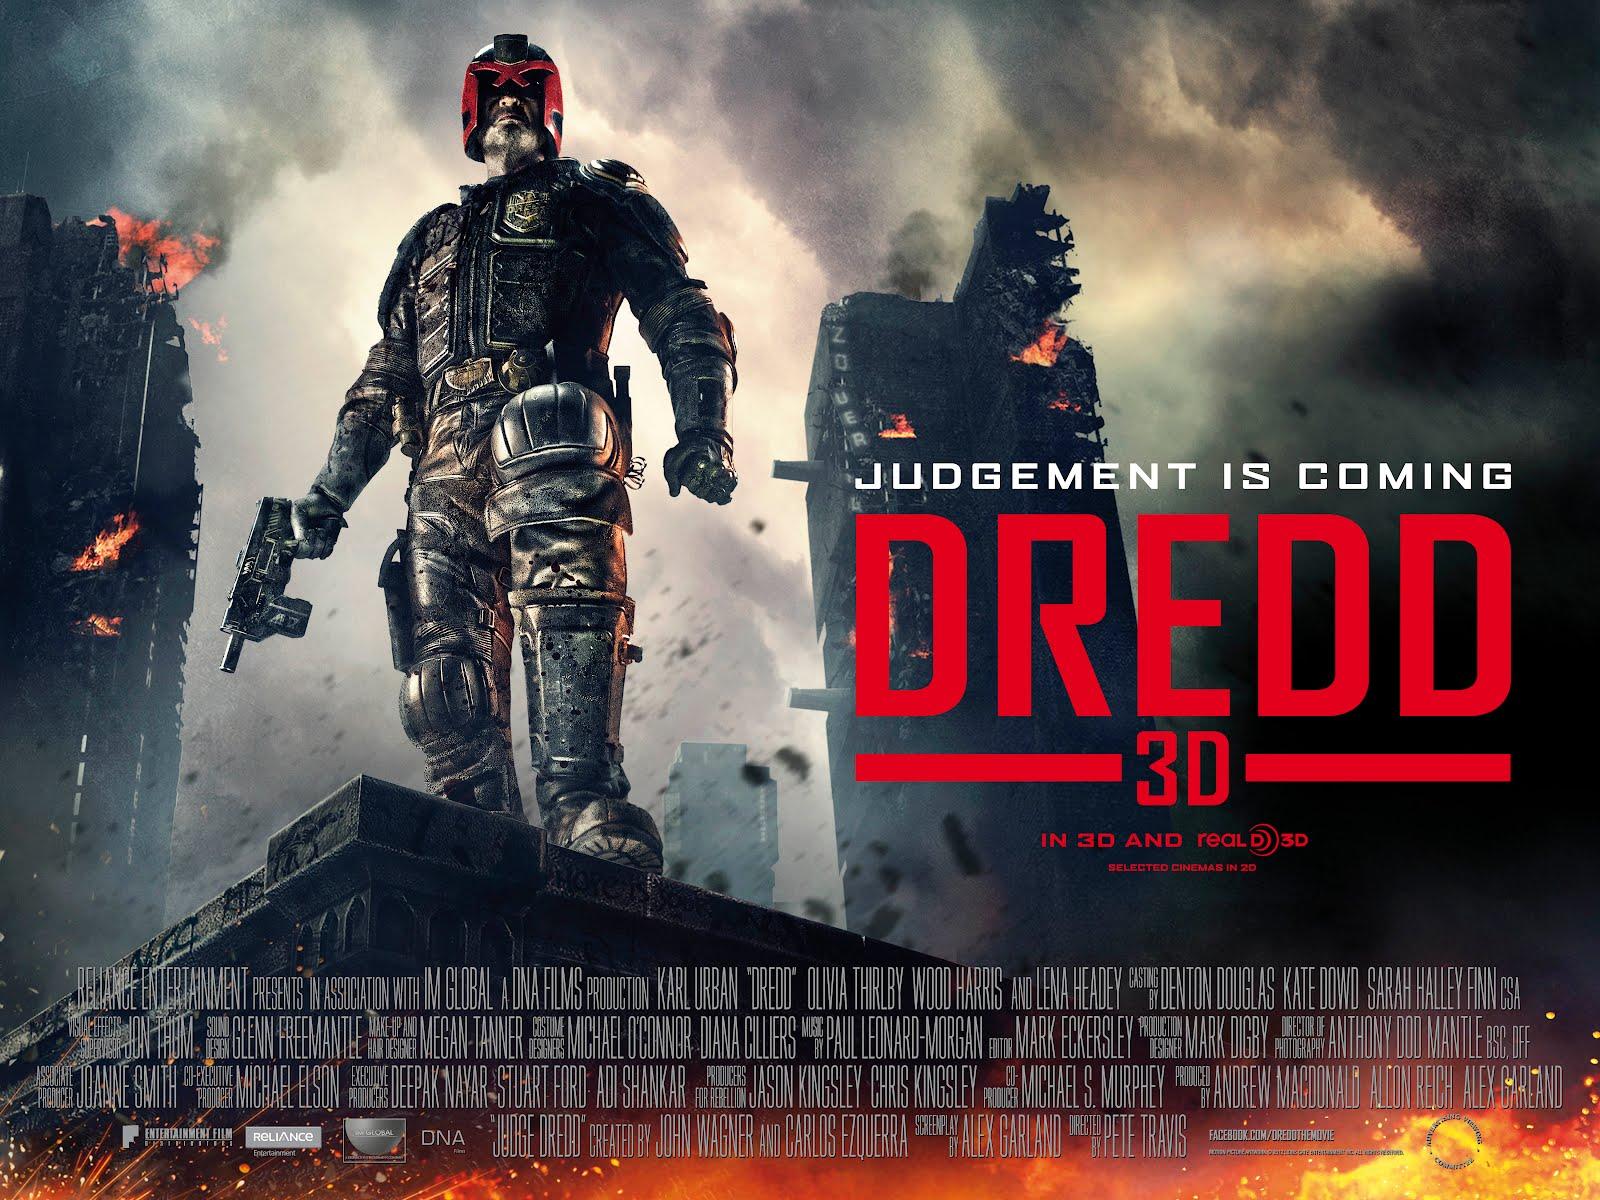 http://4.bp.blogspot.com/-Fjs2_7MShEM/UFB6Q3-WonI/AAAAAAAADUA/ccxKUlbU564/s1600/dredd3d_poster.jpeg